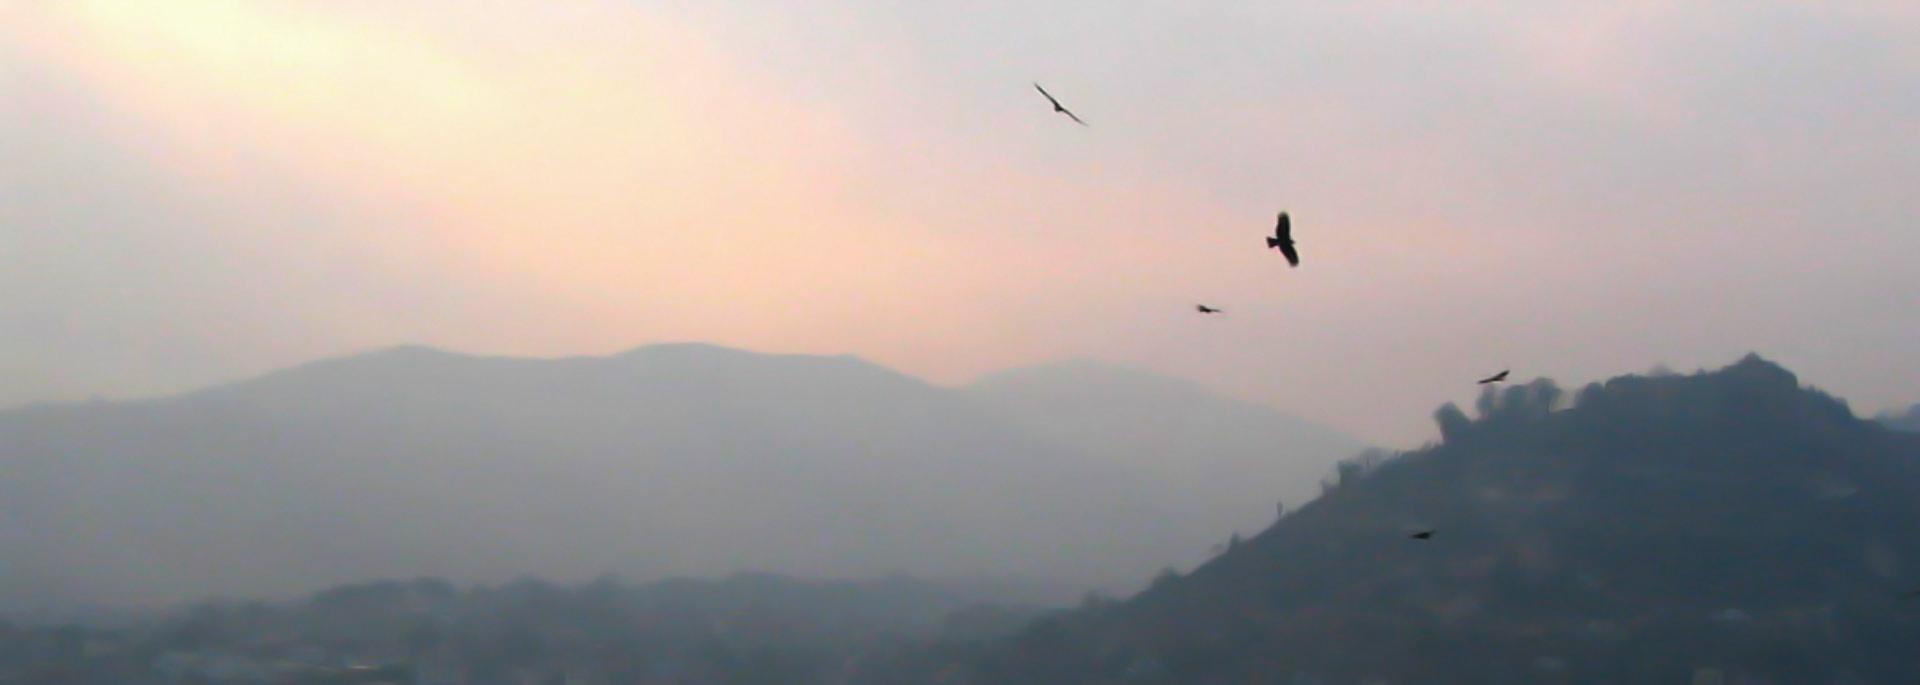 Wie mir beim Anblick des nebligen Abgrunds im Himalaya übel wurde